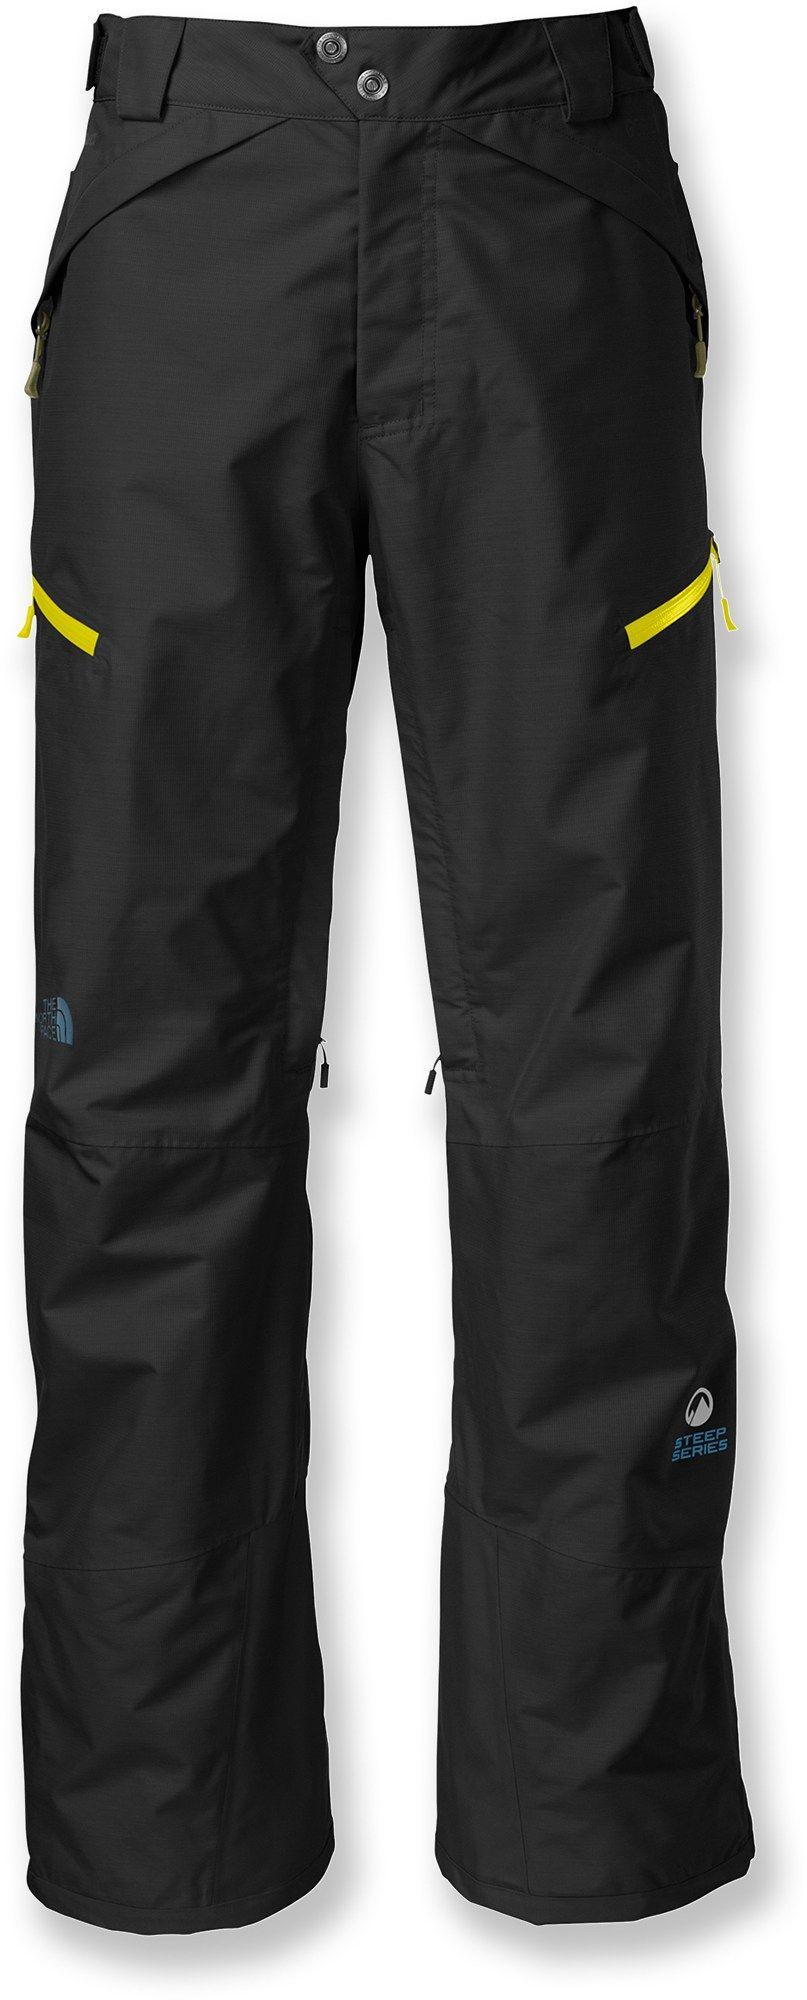 7e95a922d5 The North Face Male Nfz Snow Pants - Men s